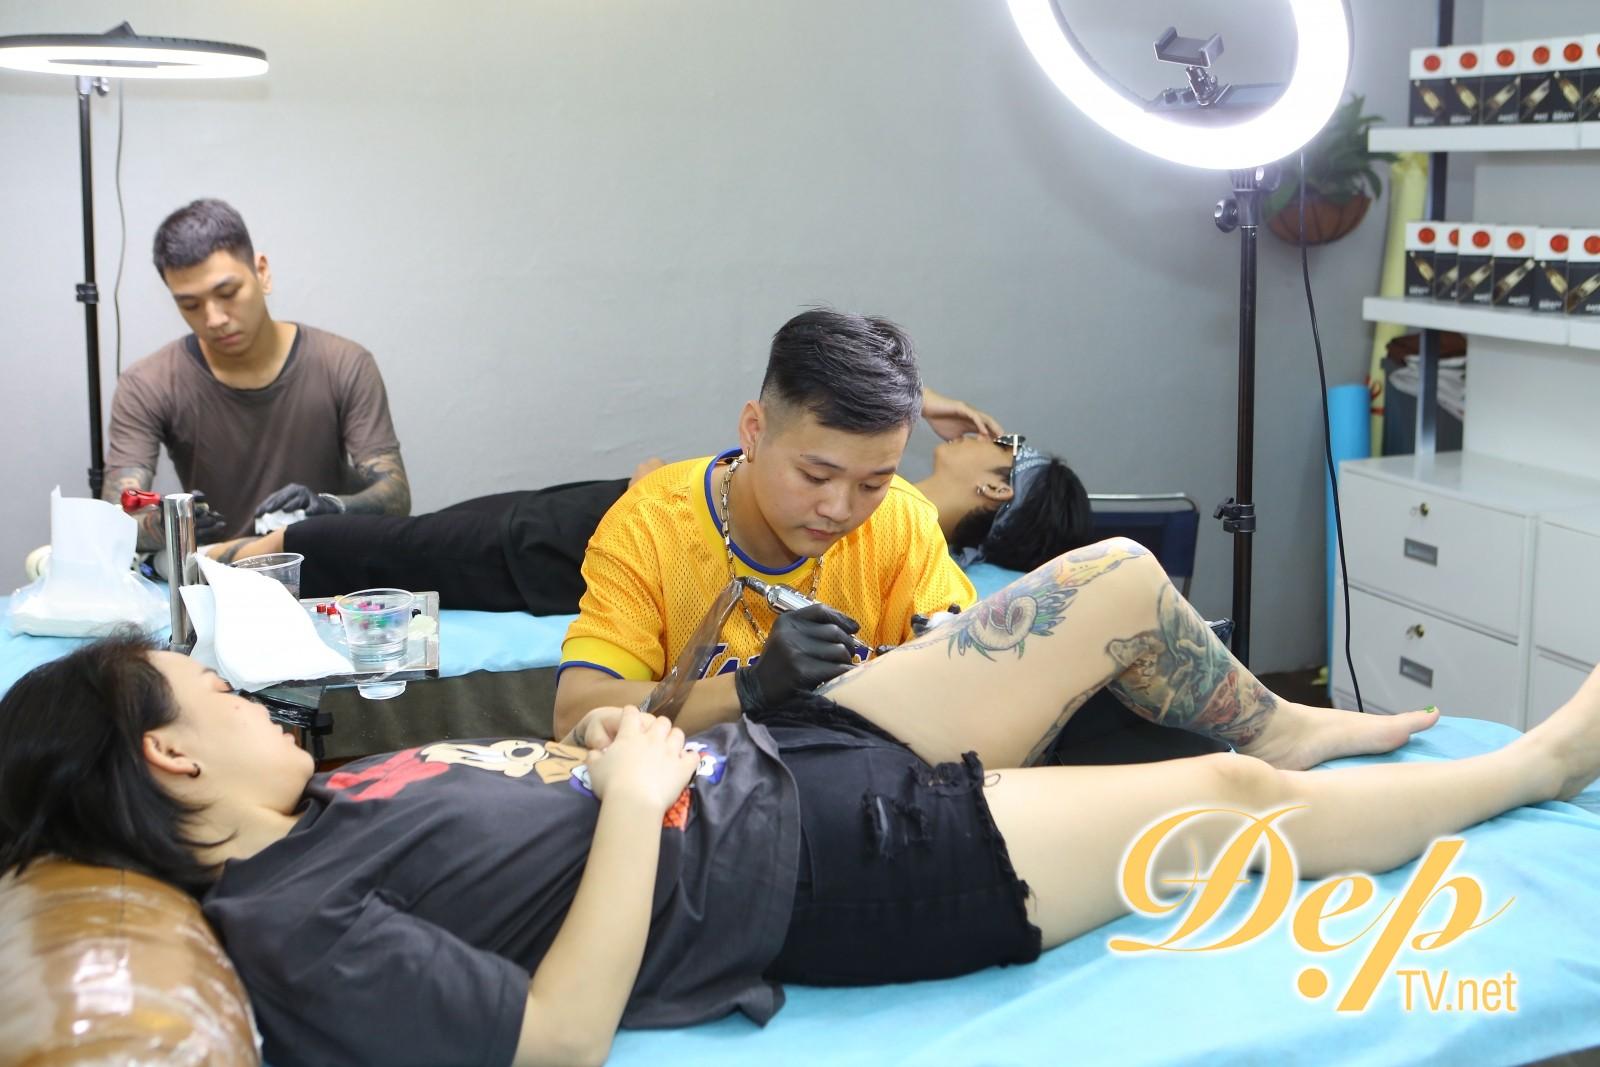 Viện thẩm mỹ Eve dẫn đầu xu hướng phun xăm kết hợp Tattoo